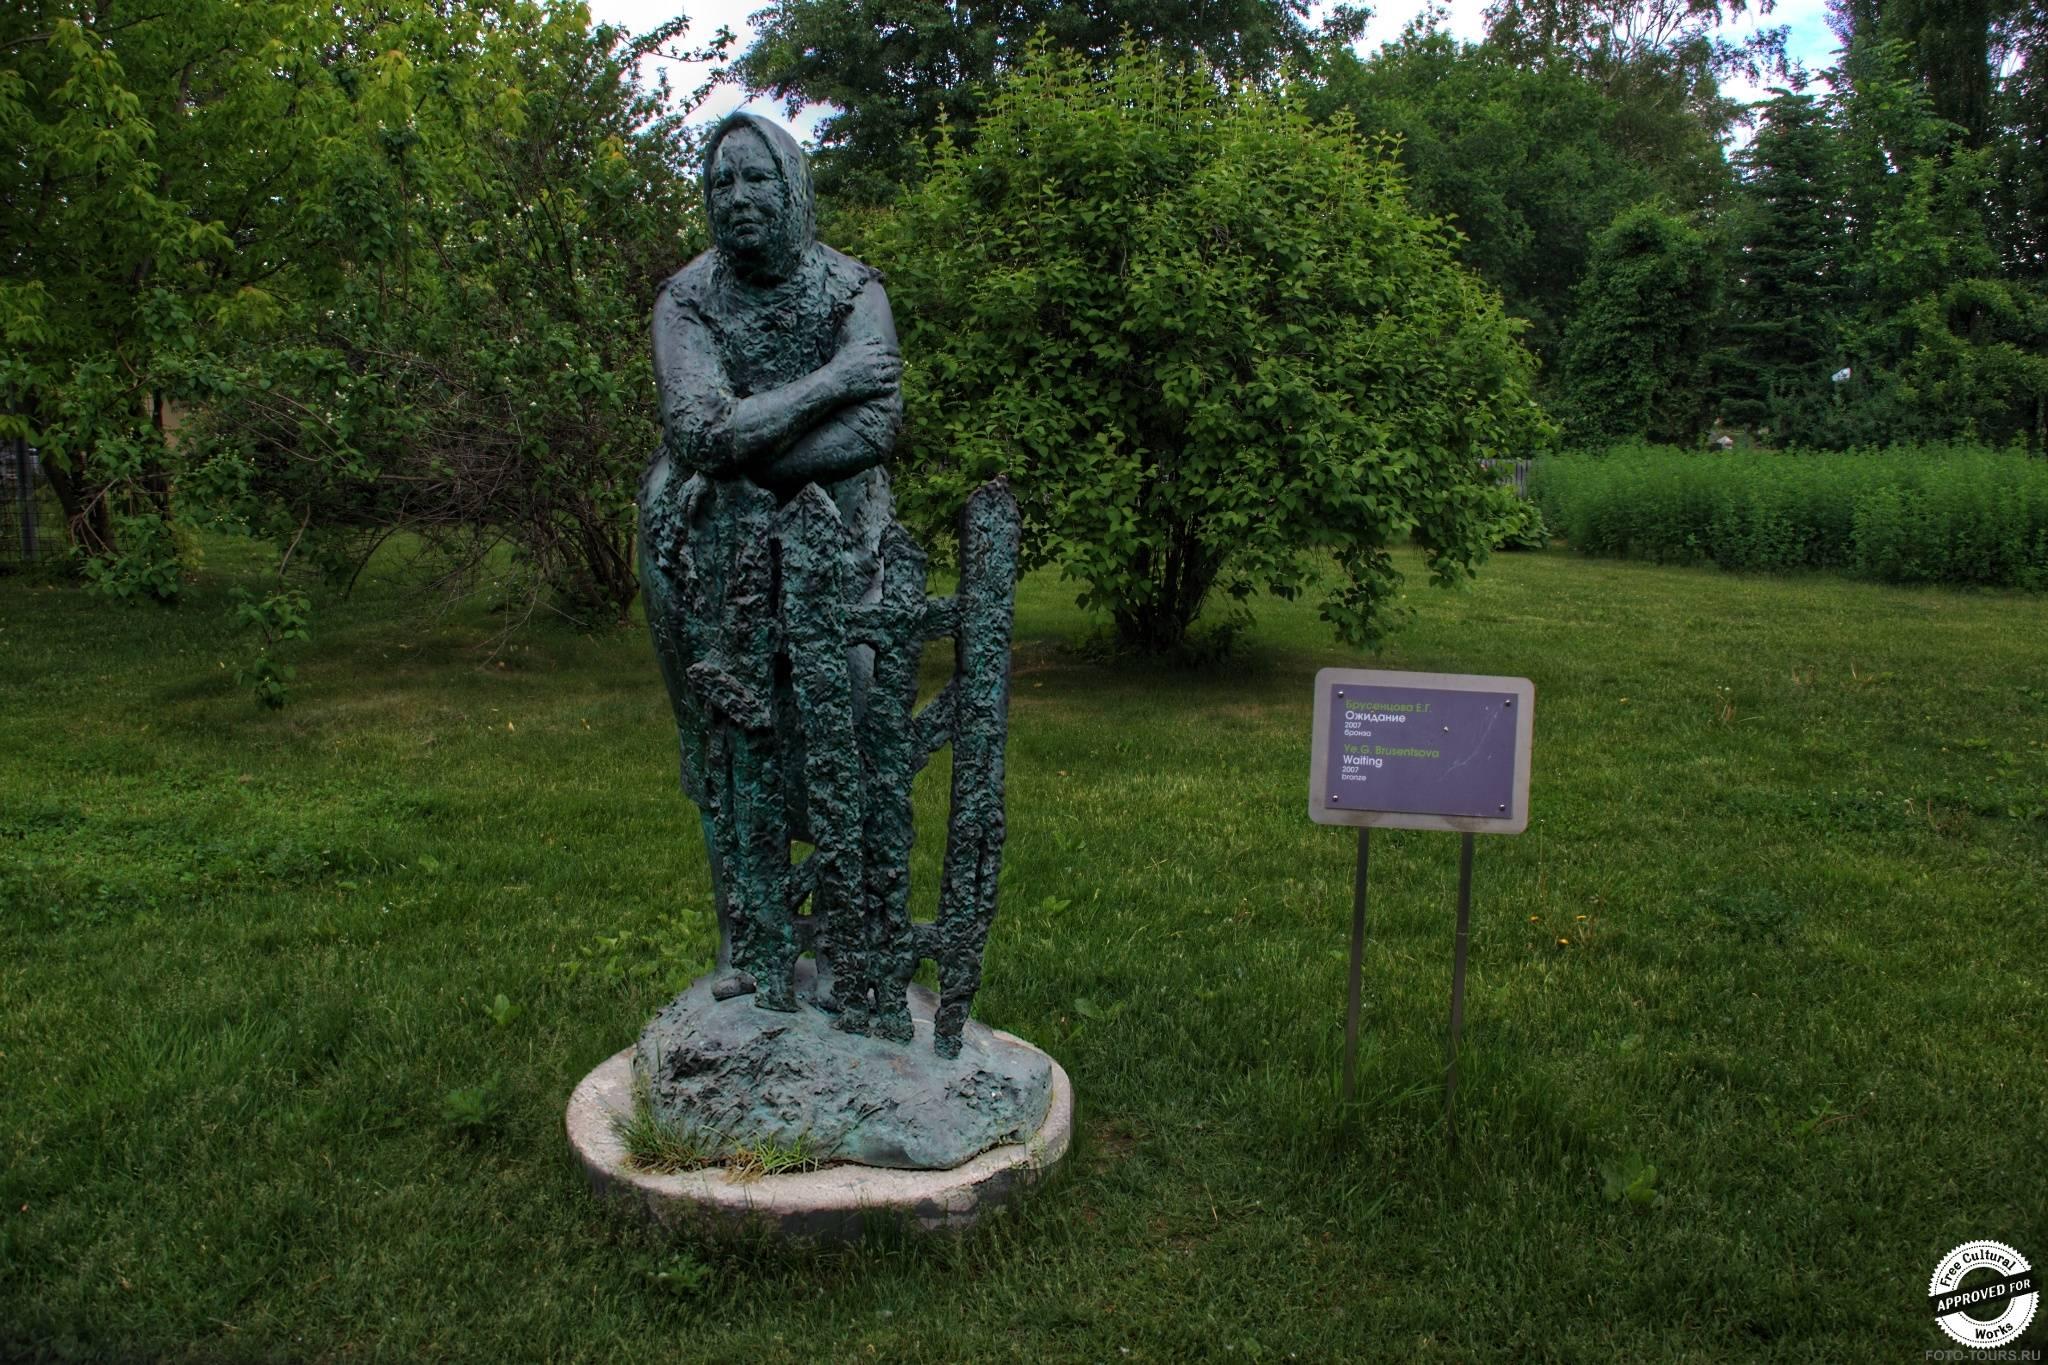 Ожидание,  Брусенцова Е.Г.,  2007, бронза, Музеон, Парки москвы.